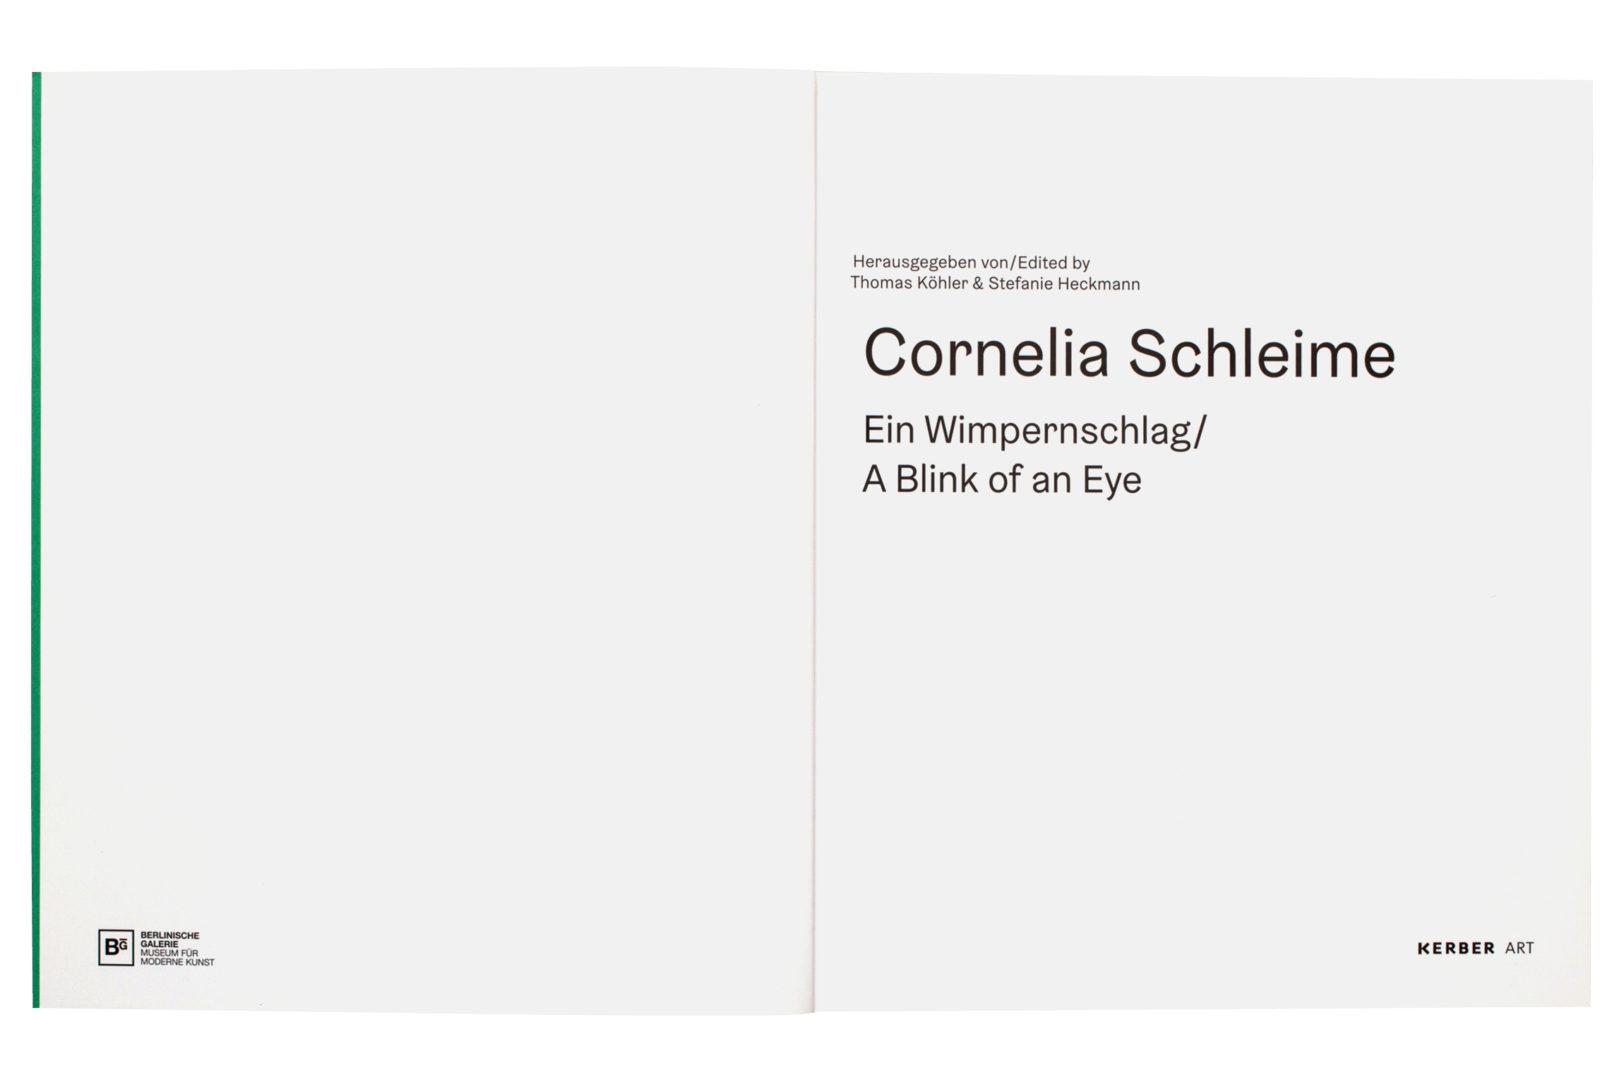 http://e-o-t.de/wordpress/wp-content/uploads/2017/11/eot-2016-CorneliaSchleime-Book-3.jpg